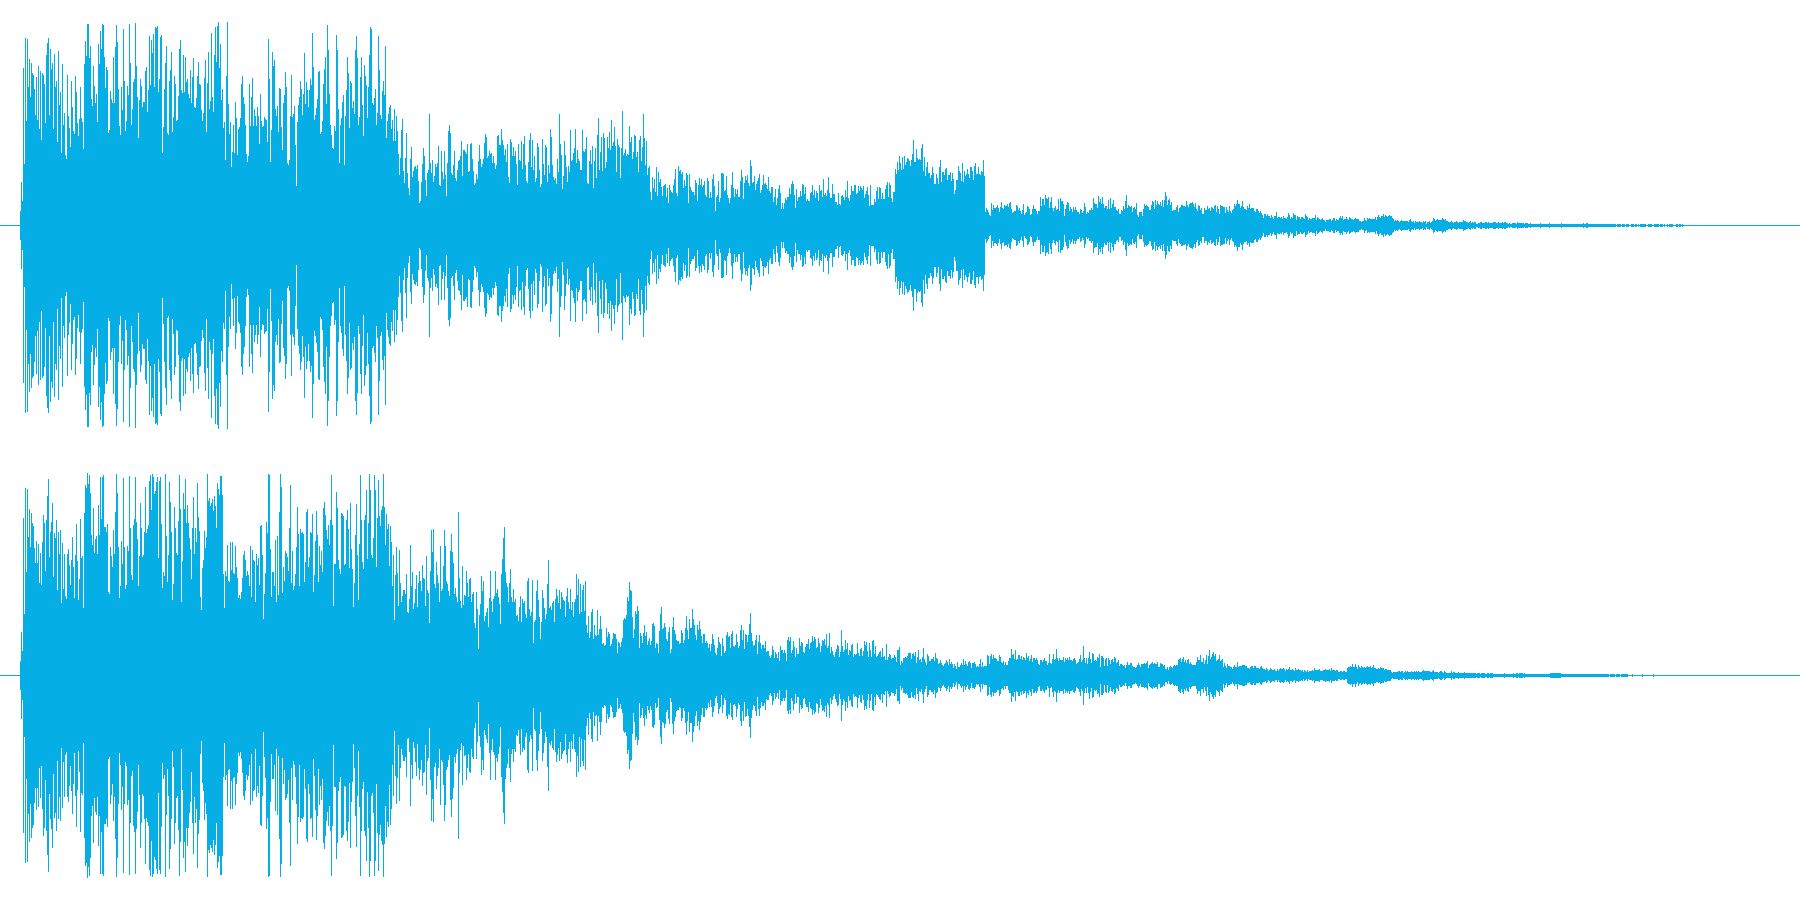 ファンタジックなセレクト音 スタート音の再生済みの波形